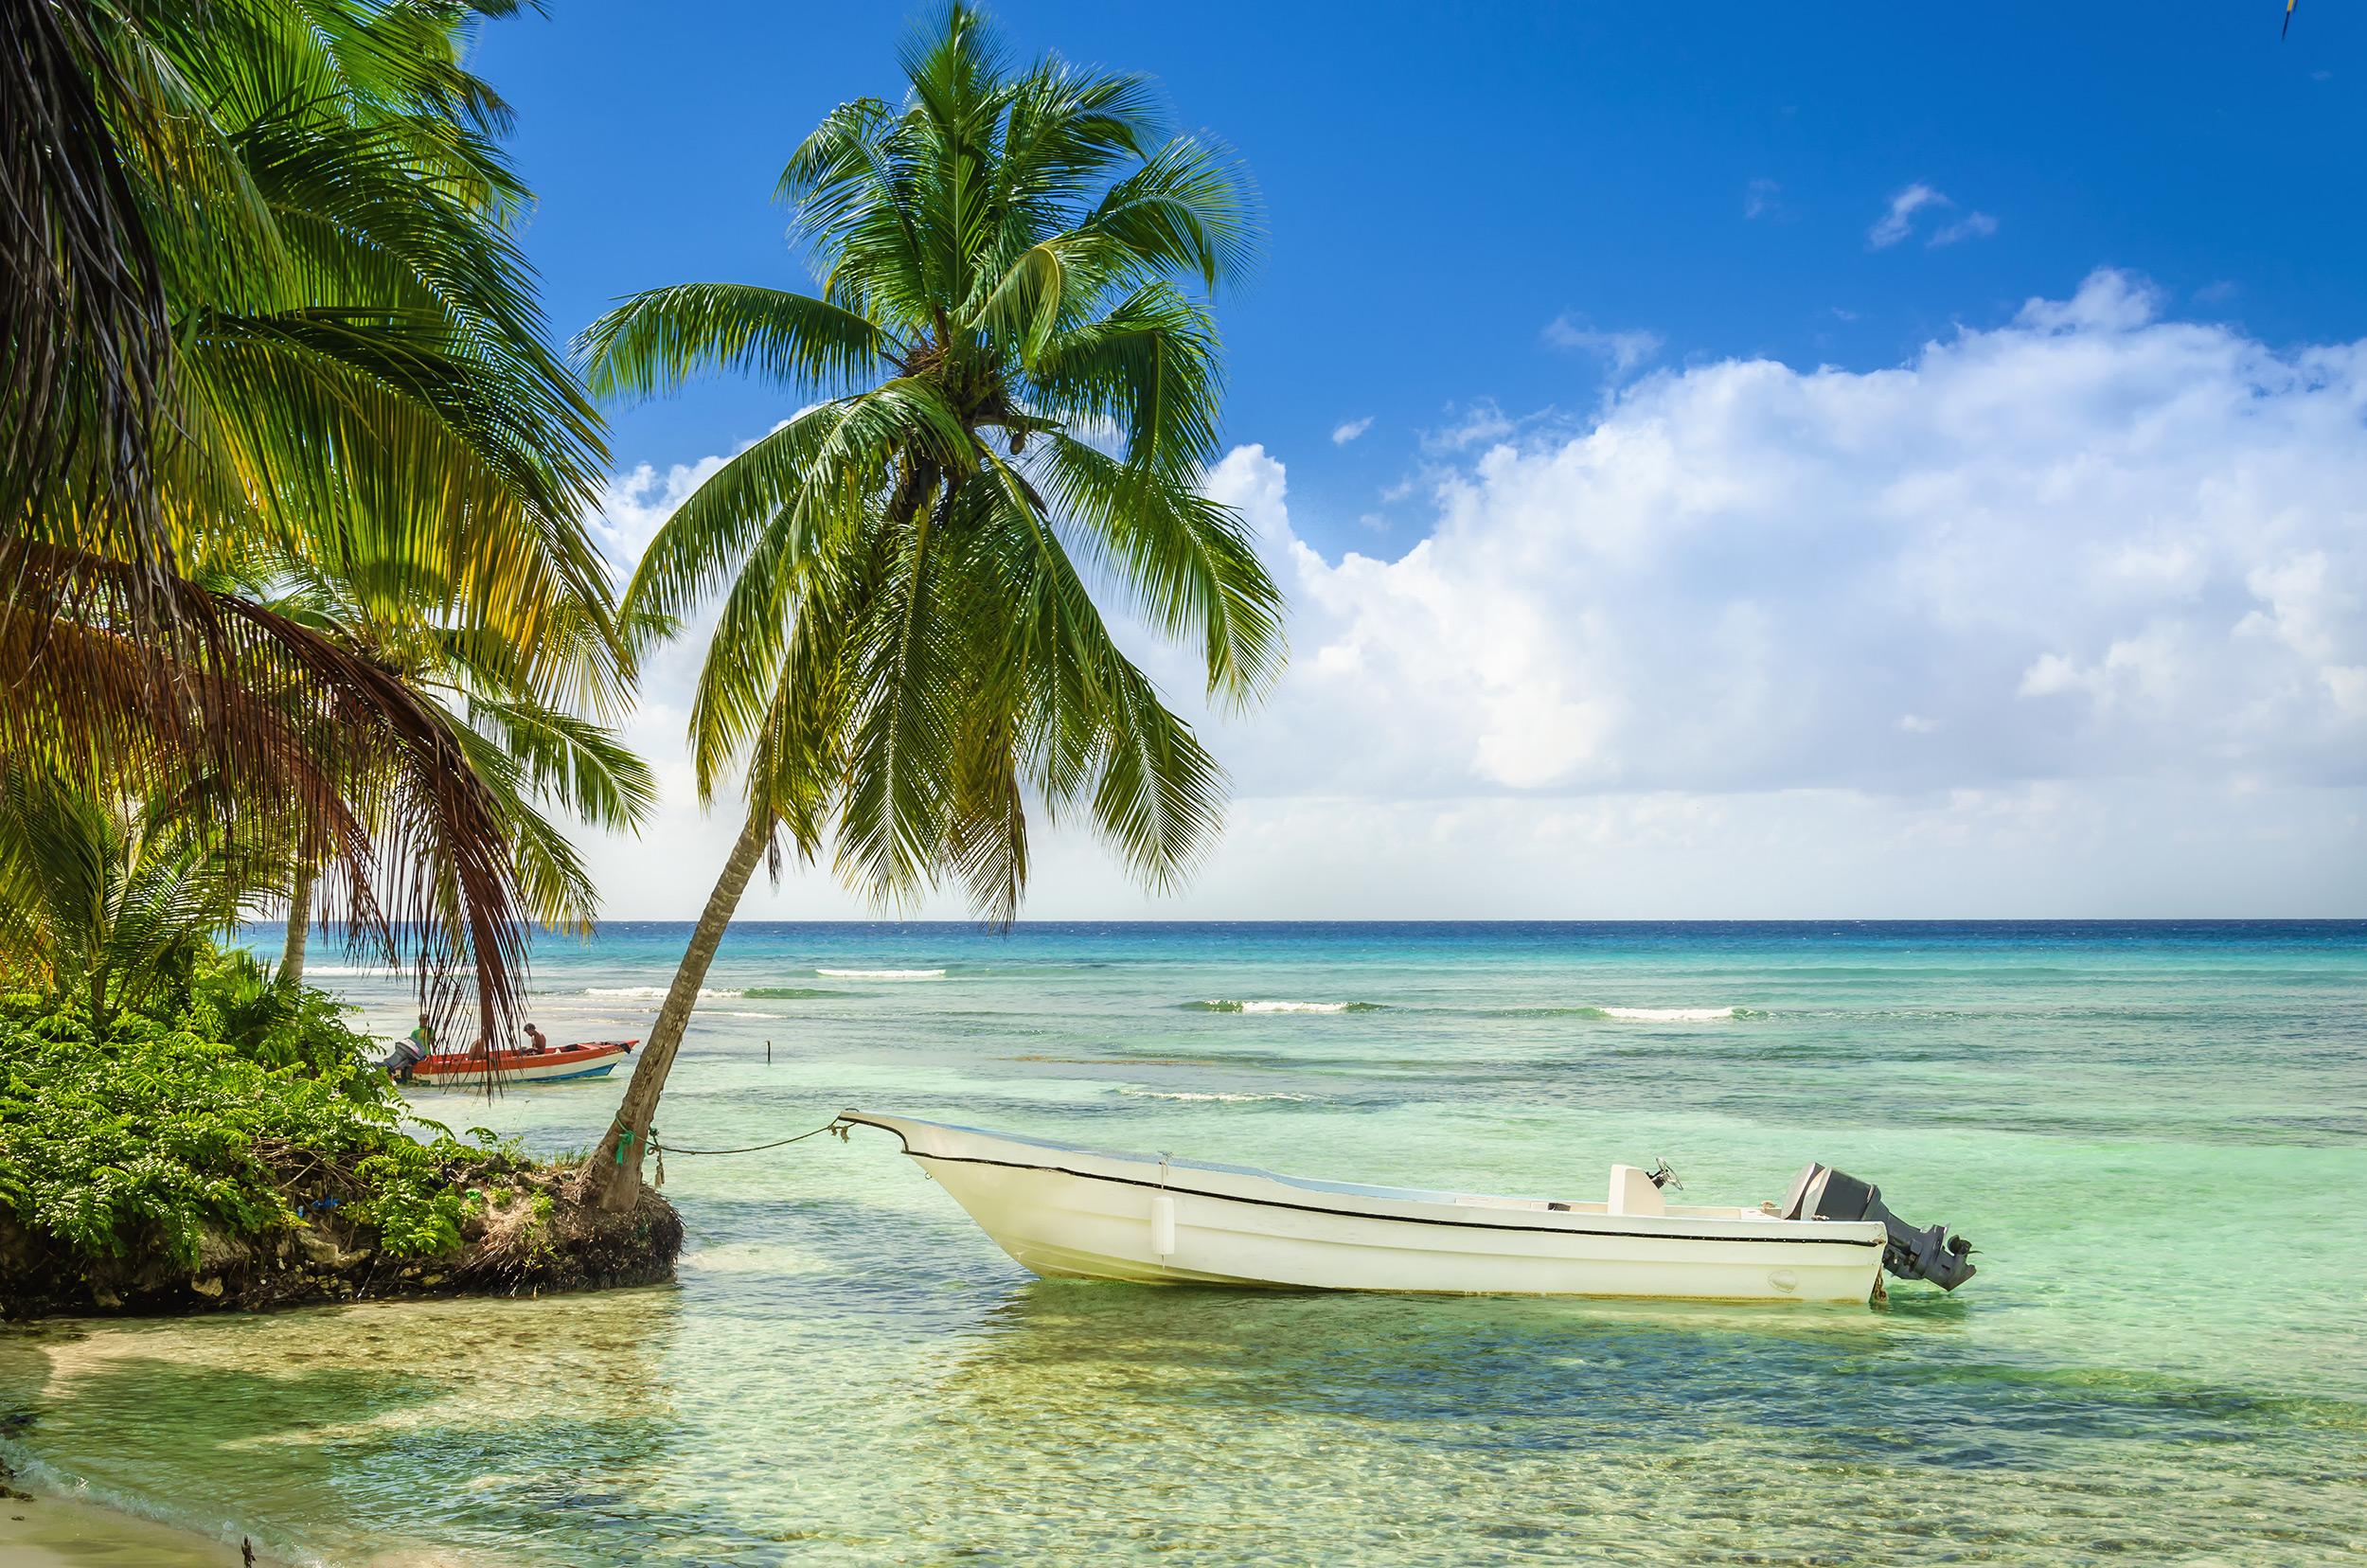 Dominikanische Republik Hotel Und Flug